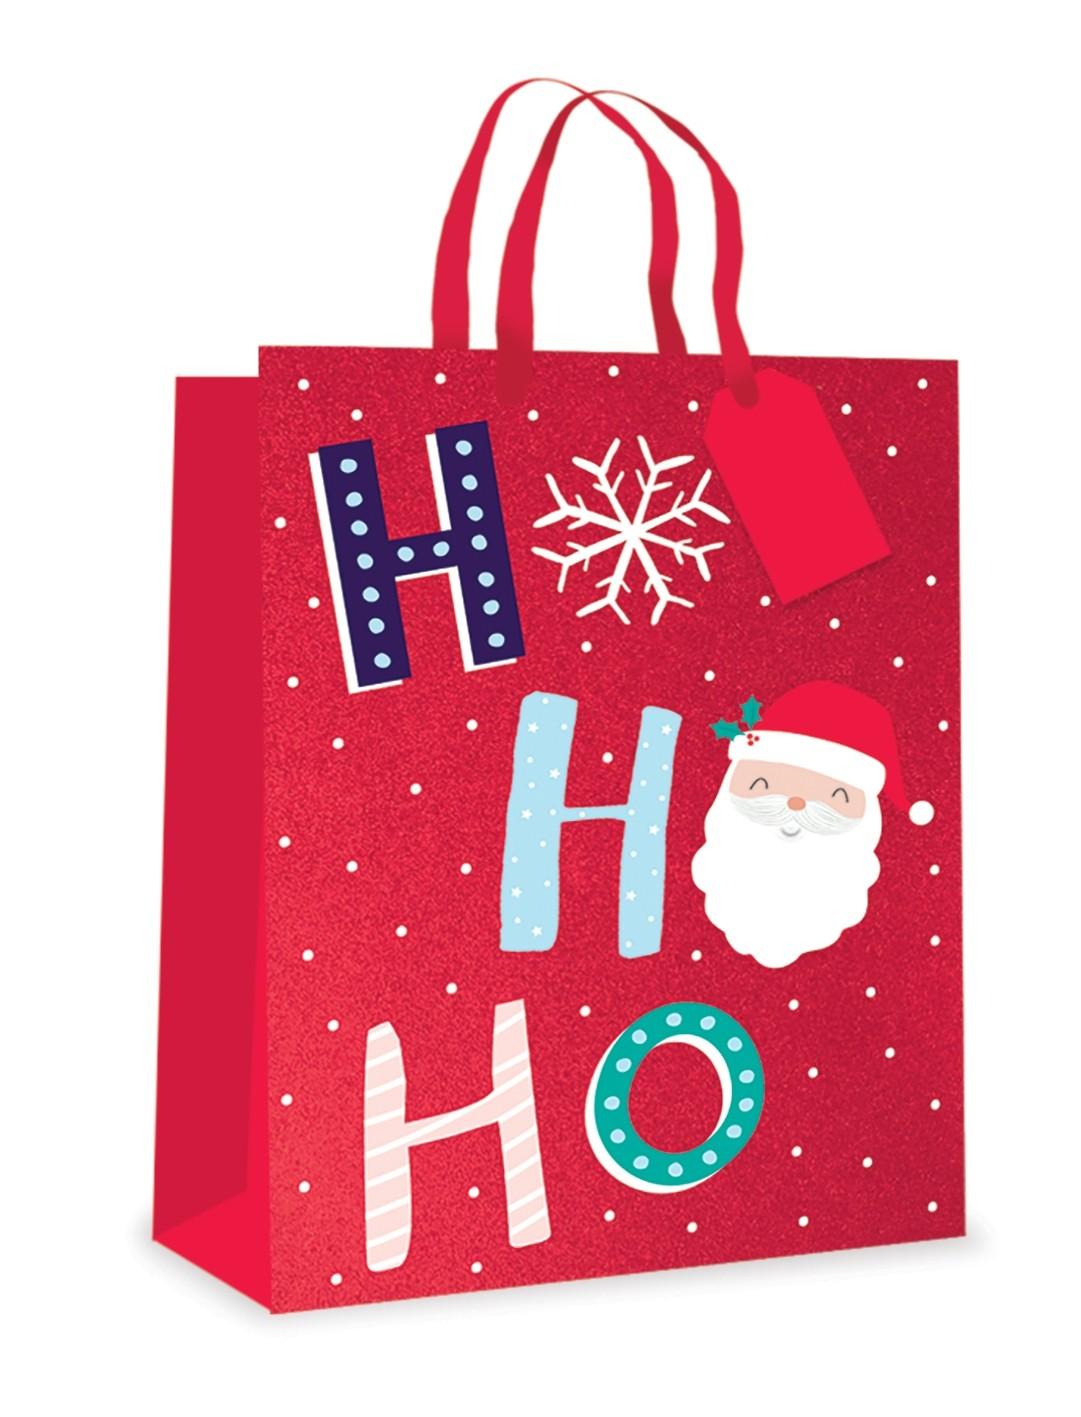 Ho Ho Ho fun Christmas gift bag - Medium